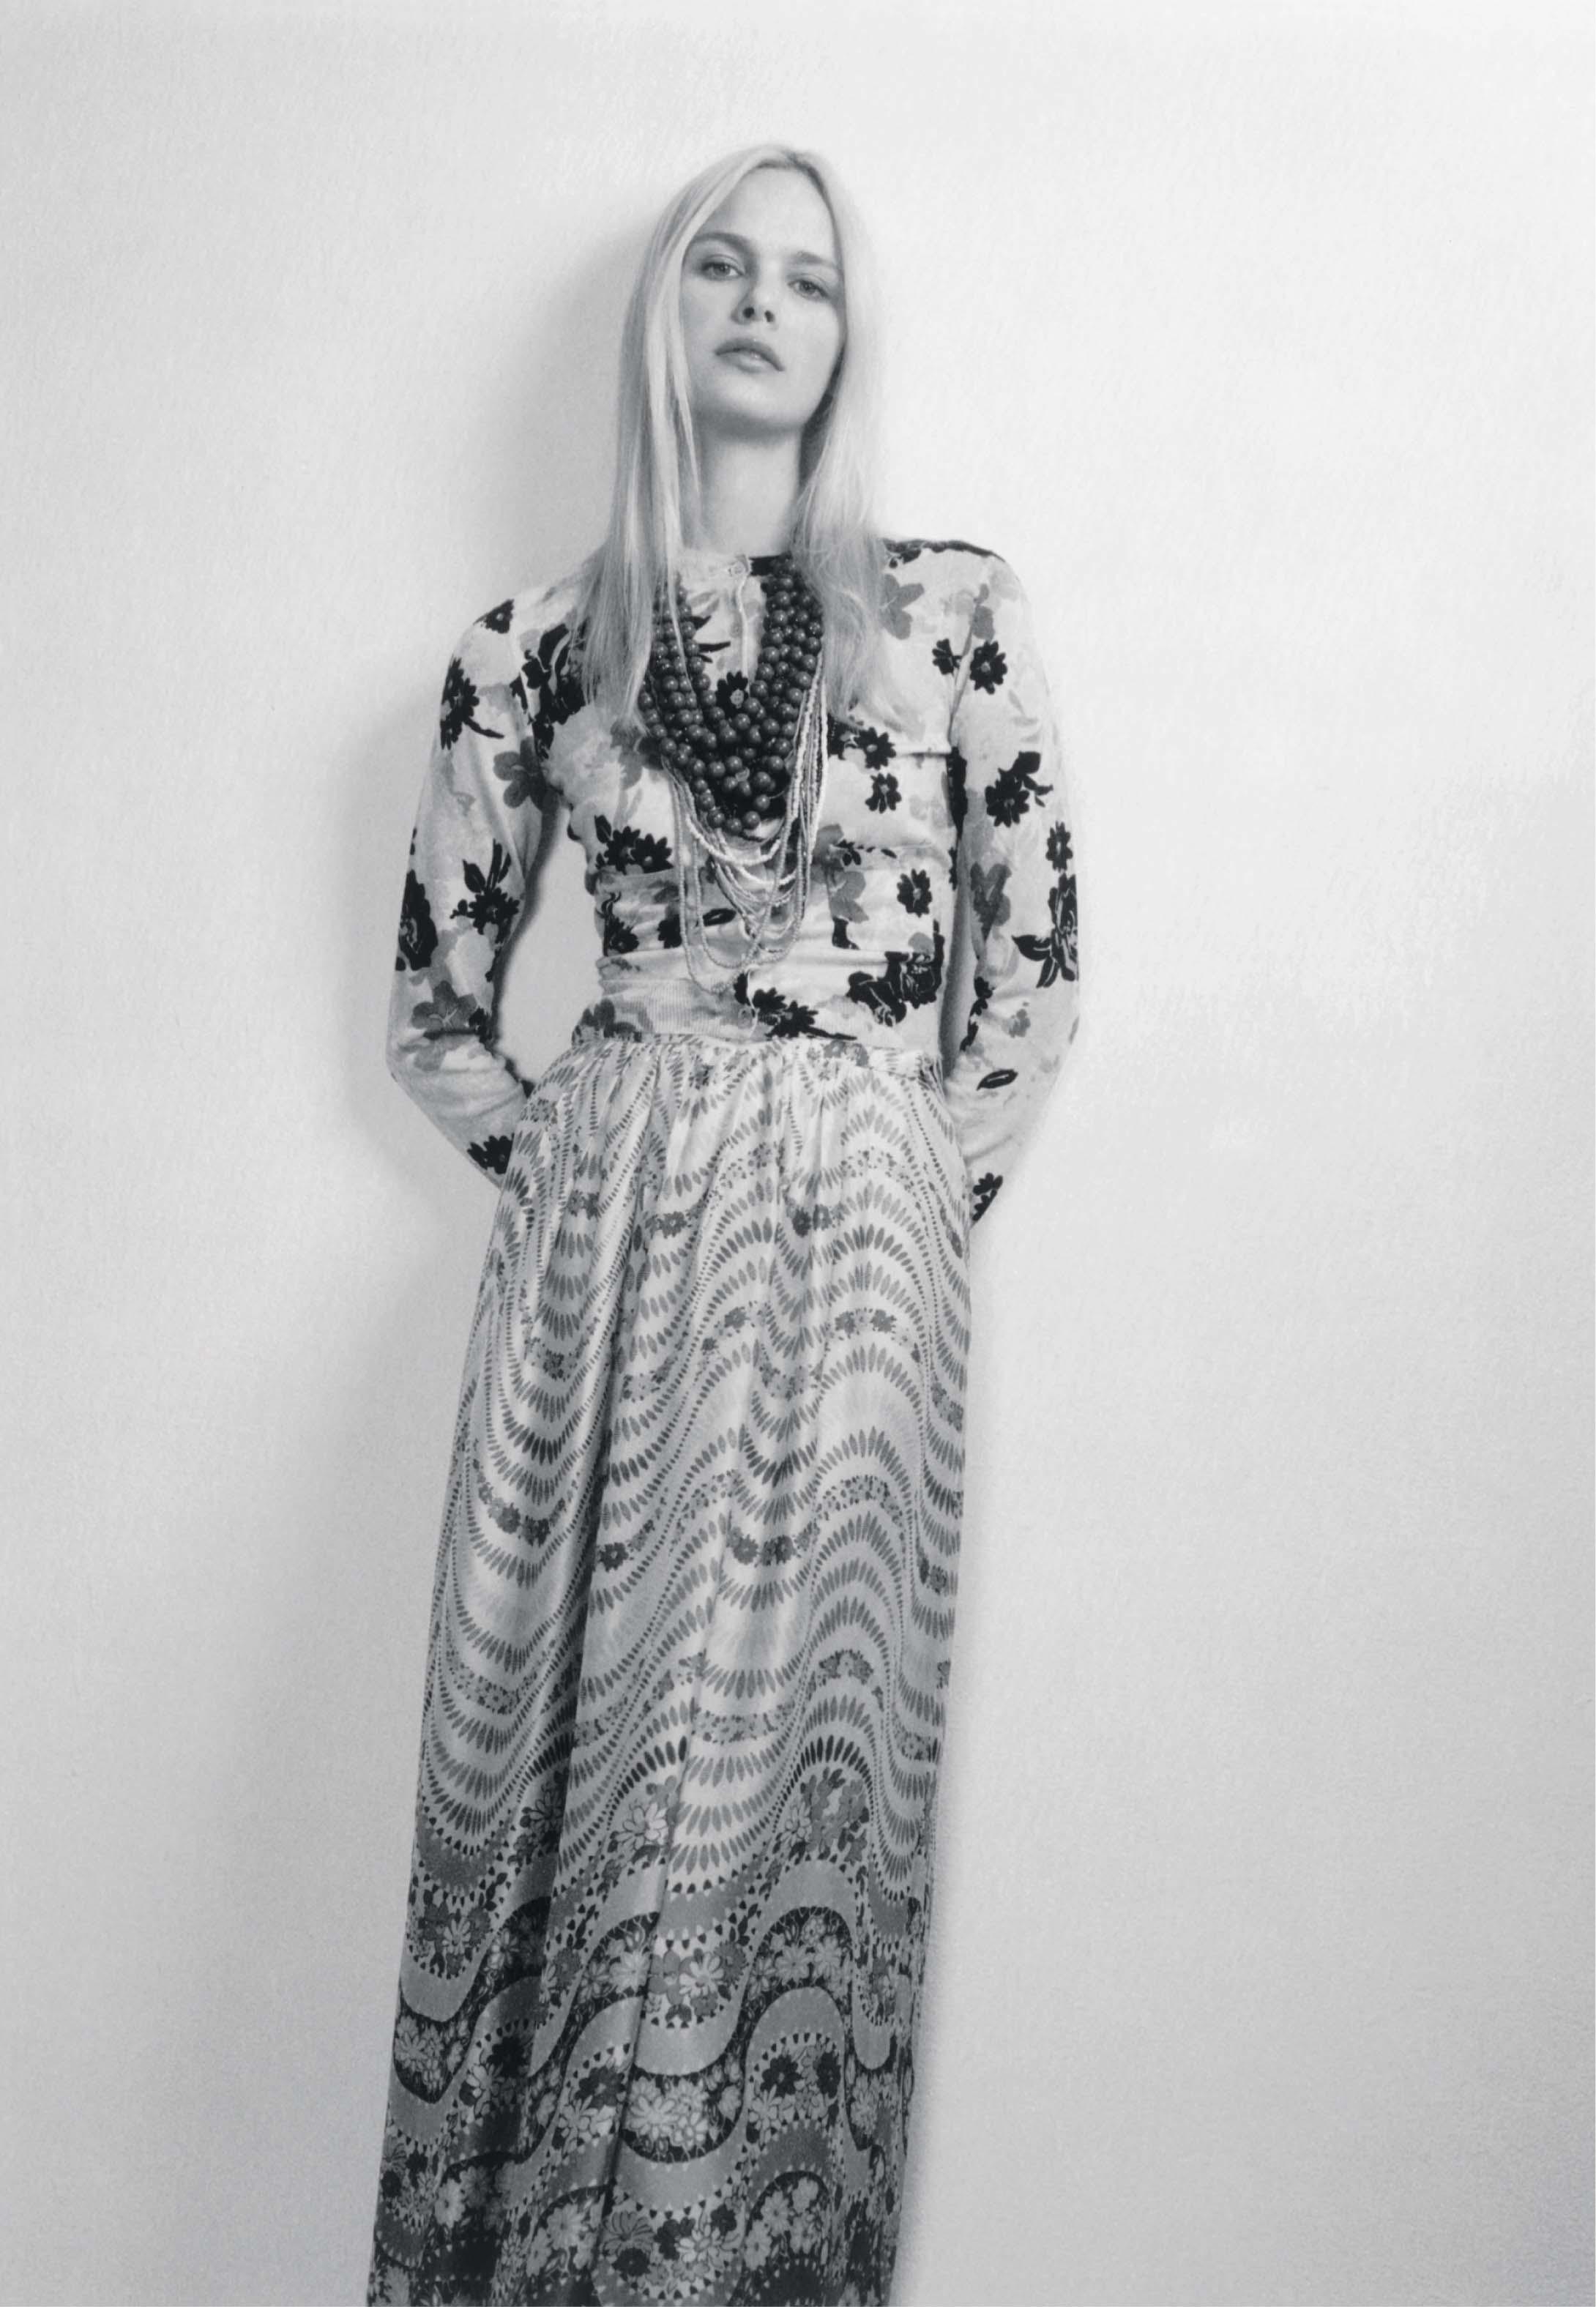 Damon Heath, Model, Photographer, New York Photography Agency, WiB, wib agency,  Photography Agency